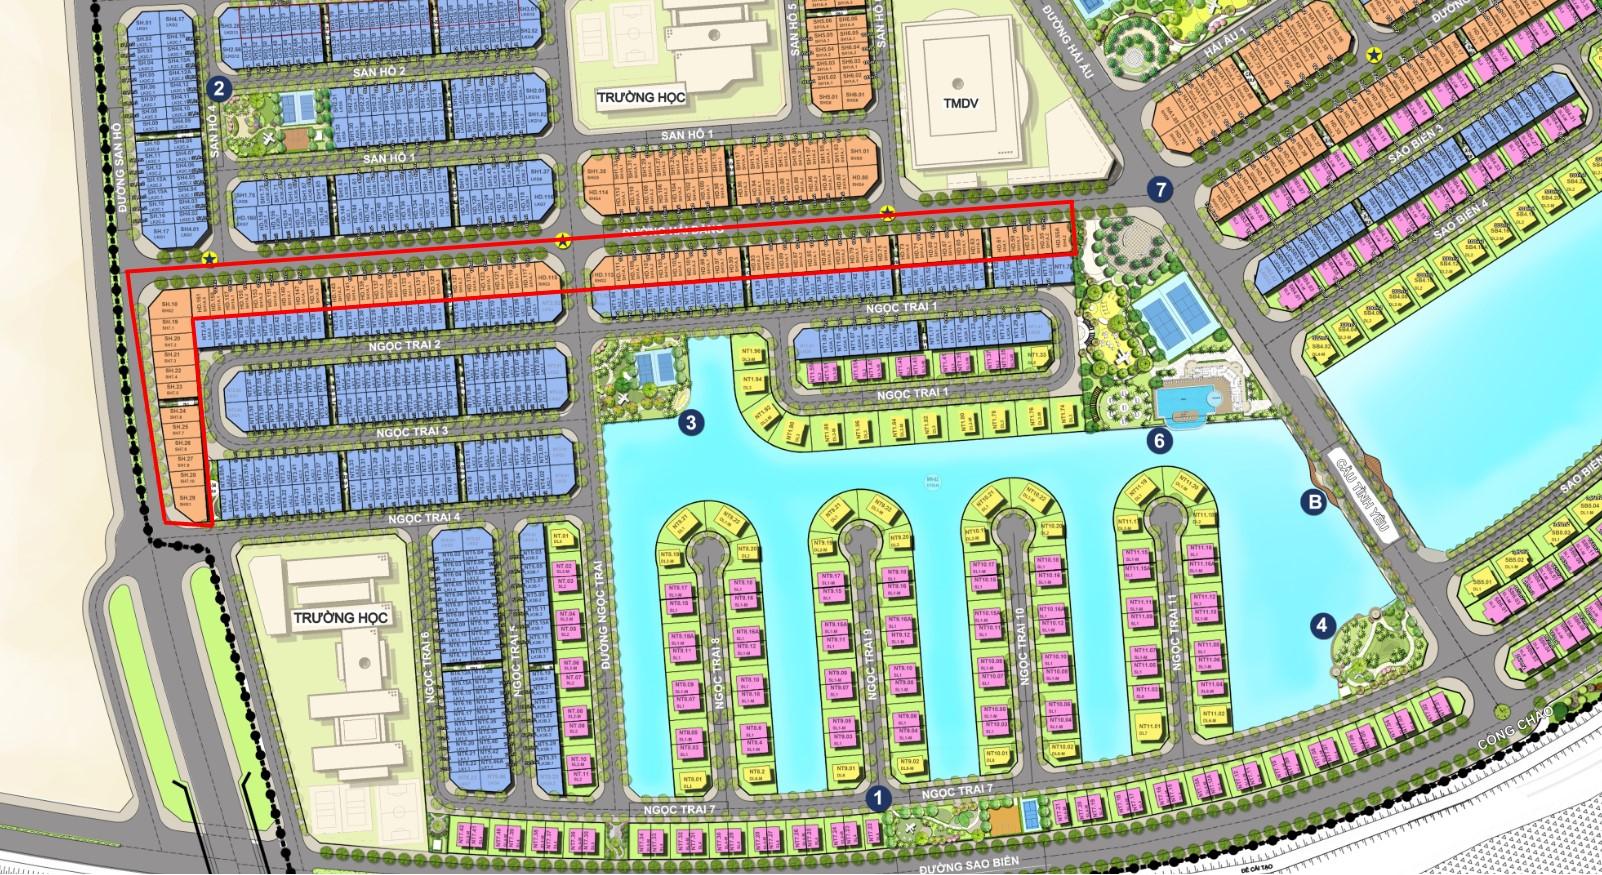 Mặt bằng phân khu ngọc trai dự án Vinhomes Cầu Rào - điểm lưu ý từcác nhà đầu tư